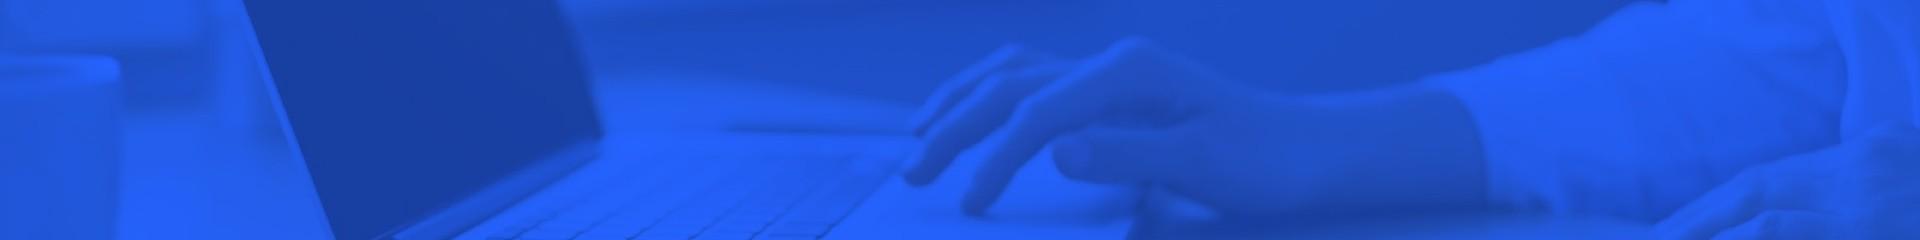 banner orcamento